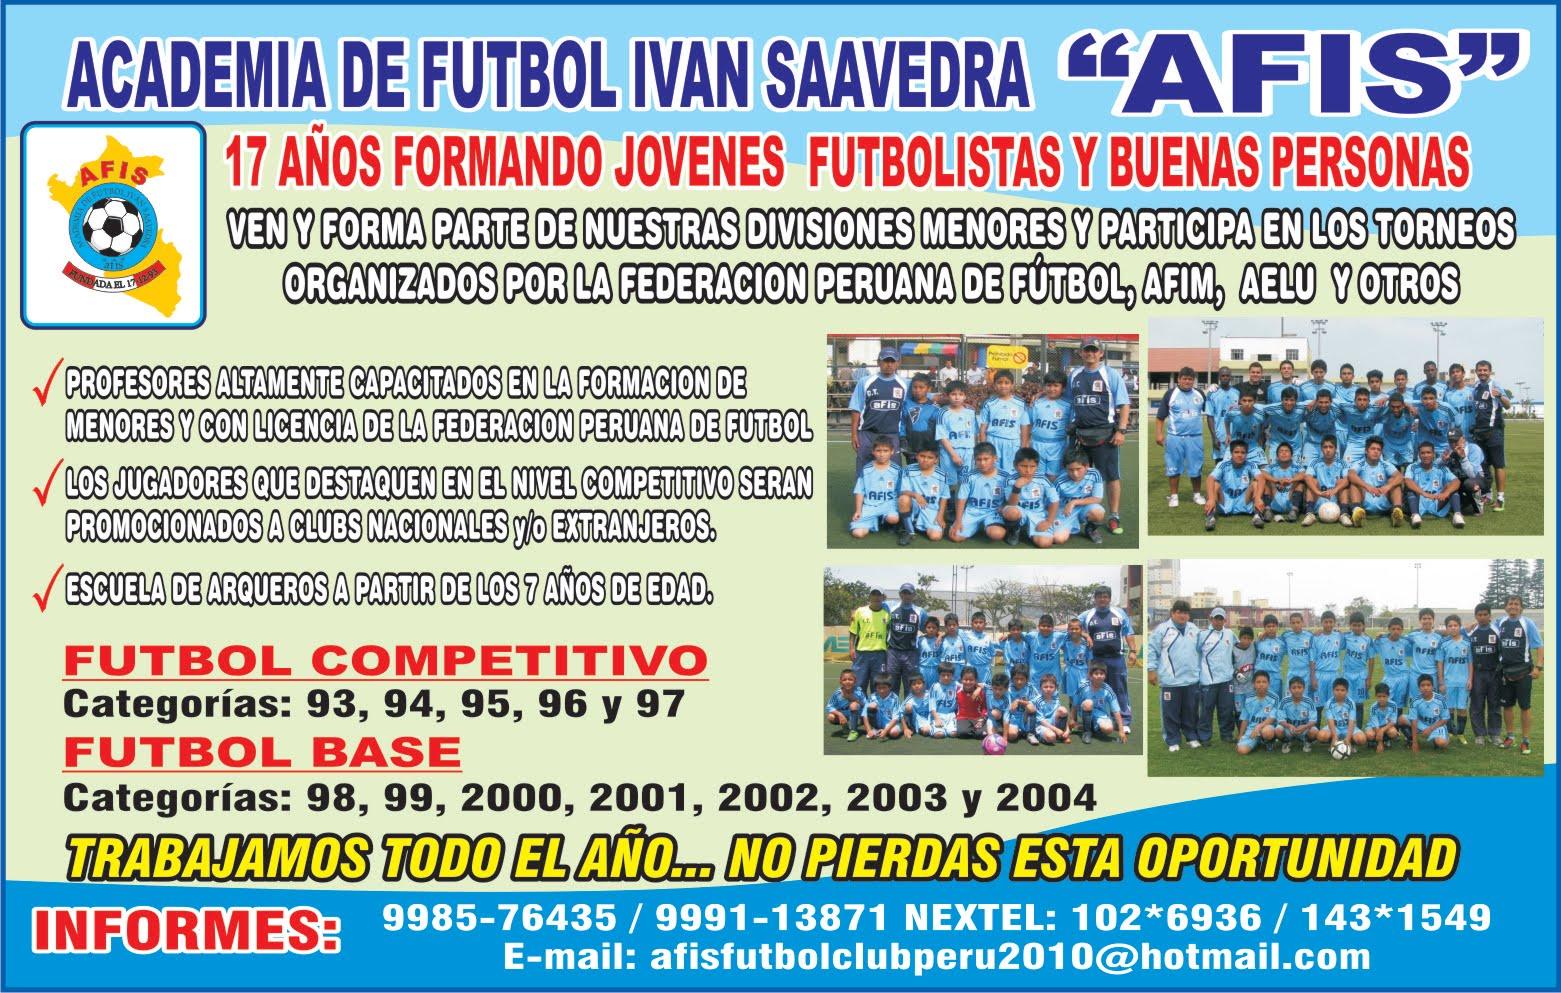 """ACADEMIA DE FUTBOL IVAN SAAVEDRA """"AFIS"""" CLUB COLORADO RUSH SOCCER DE LOS ESTADOS UNIDOS"""